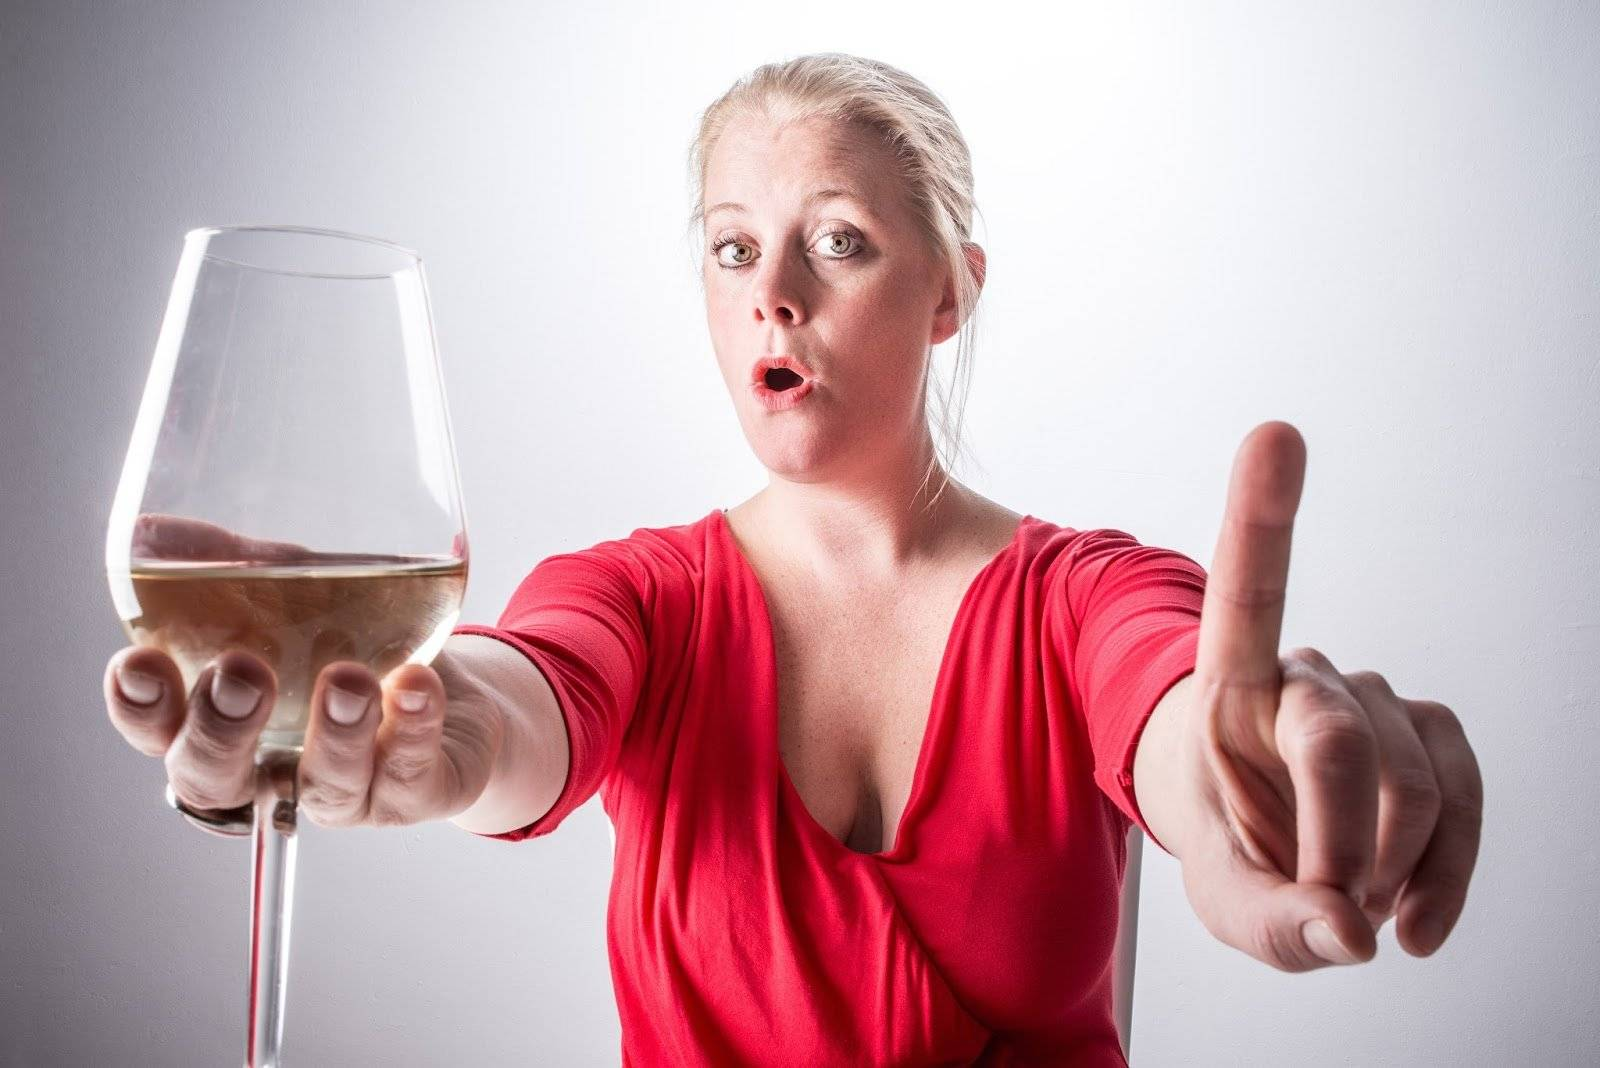 Культура пития спиртных напитков – особенности